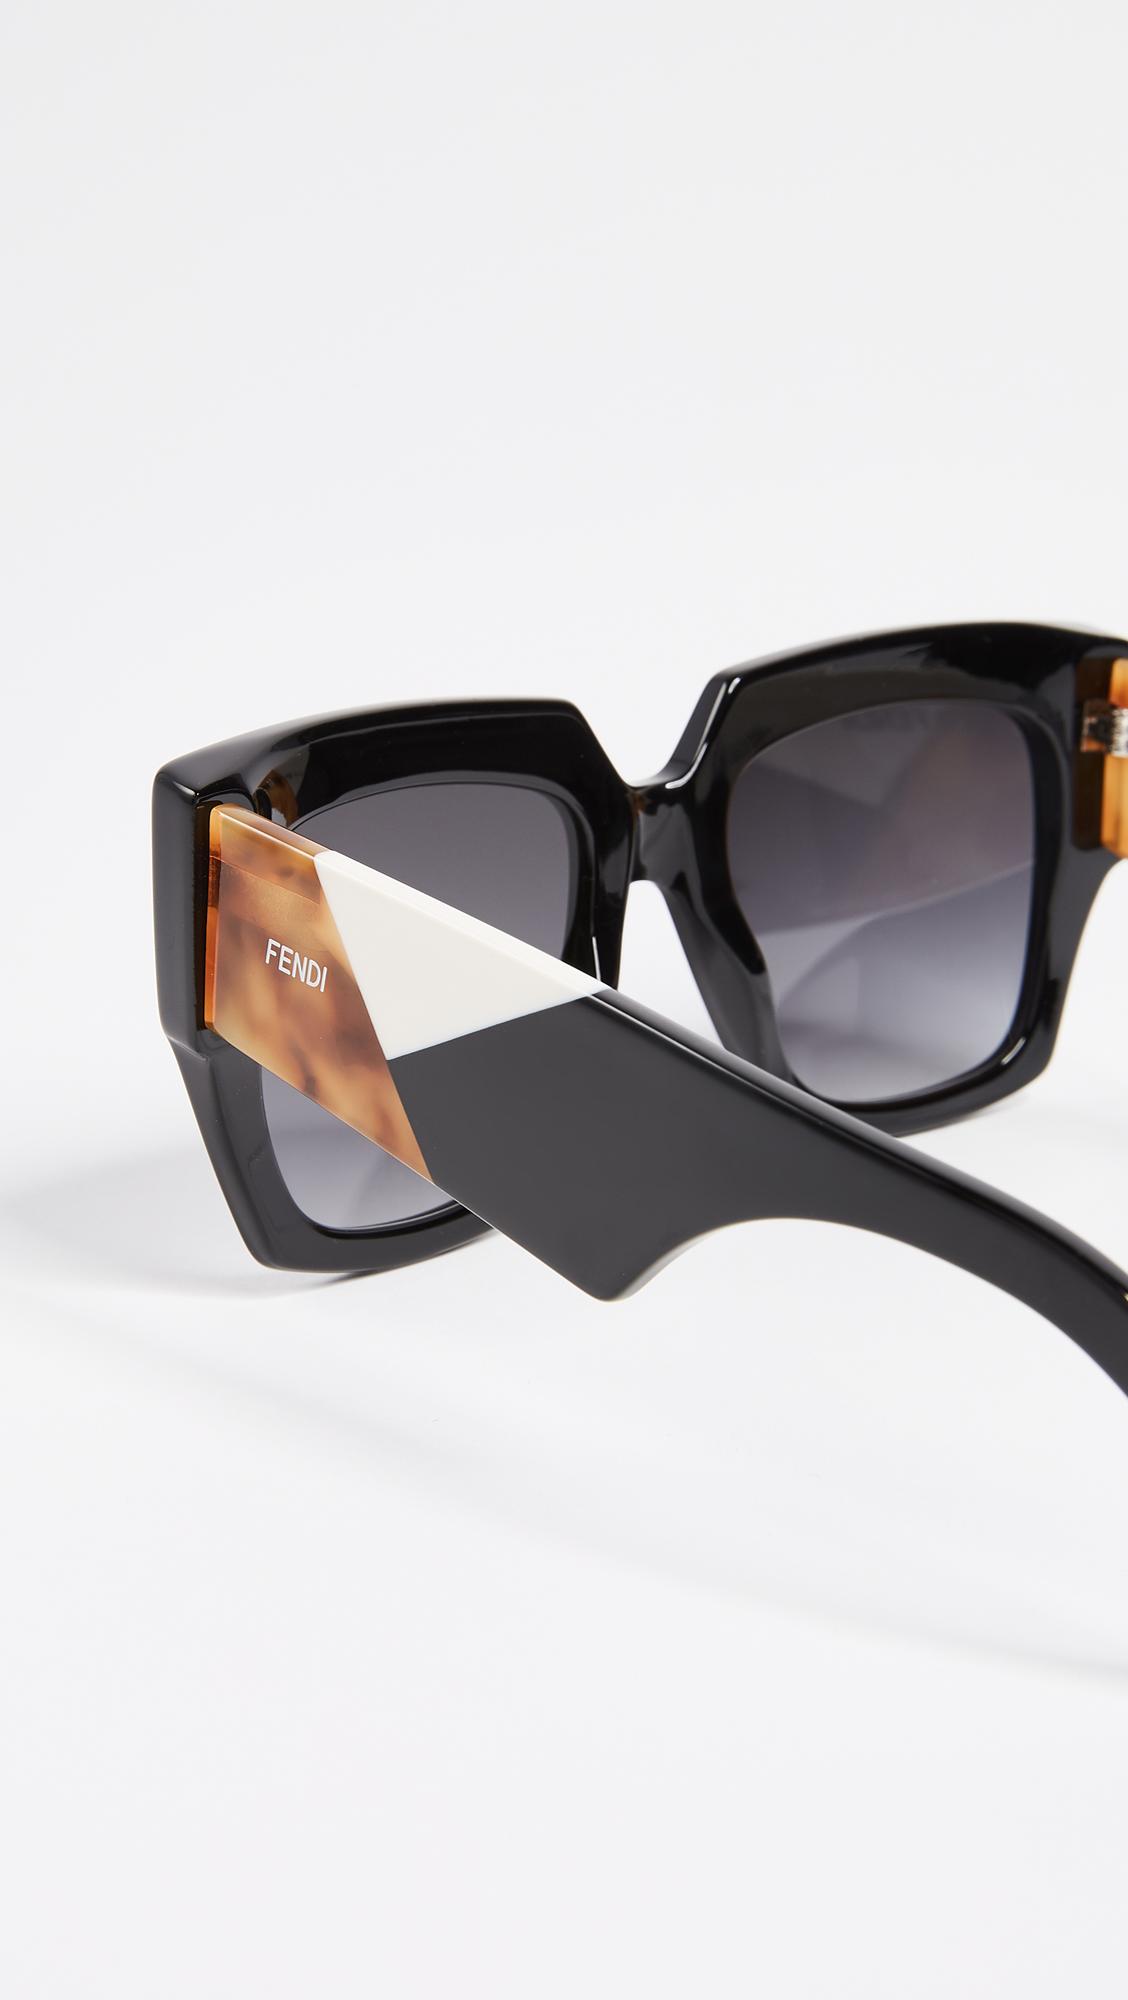 796ca594cc Fendi Square Colorblock Sunglasses